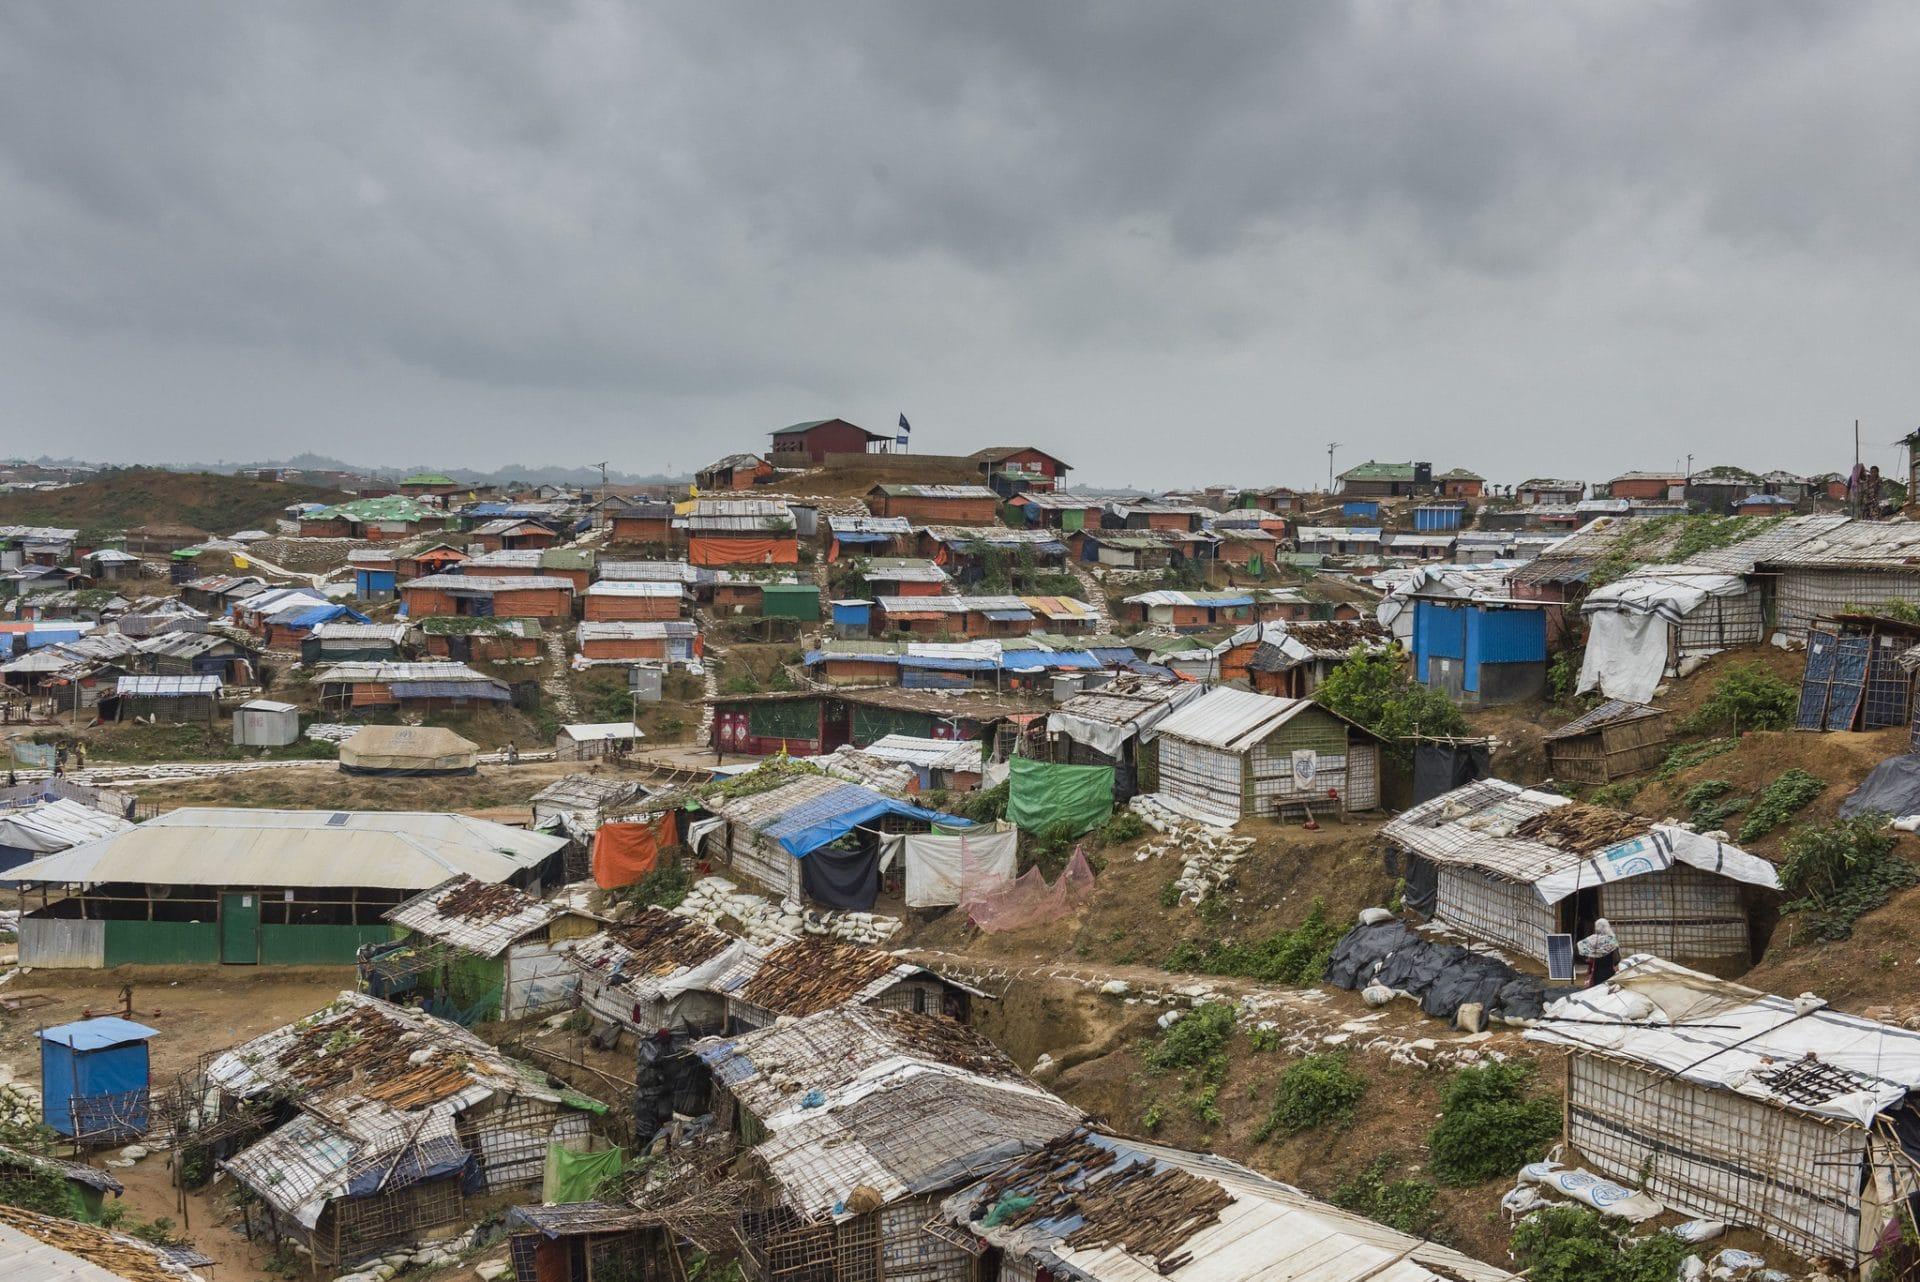 A Rohingya refugee camp in Bangladesh.